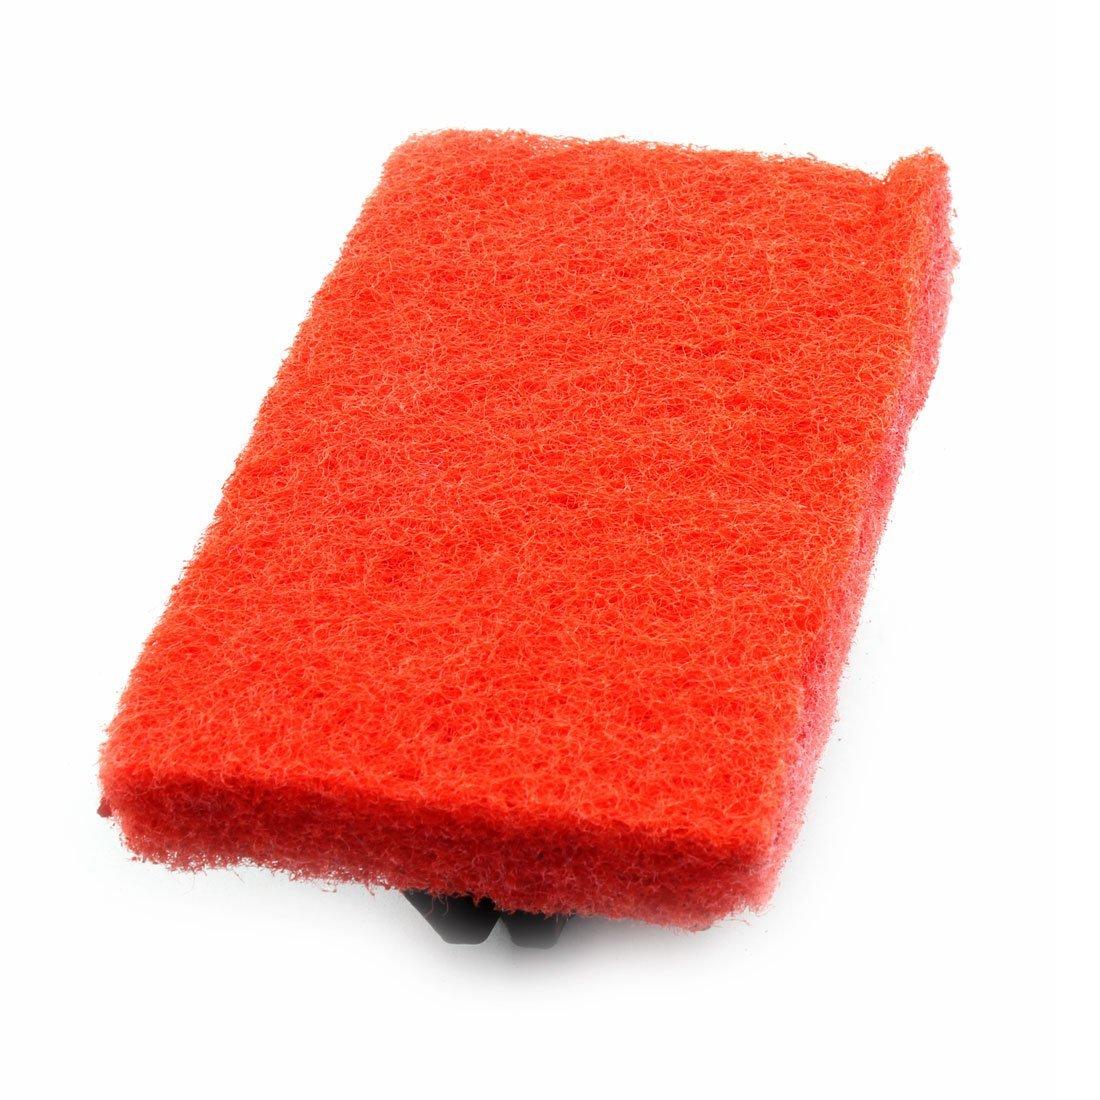 Amazon.com: eDealMax plástico la cocina casera de la manija de la esponja cepillo más limpio de limpieza con herramienta Rojo: Kitchen & Dining